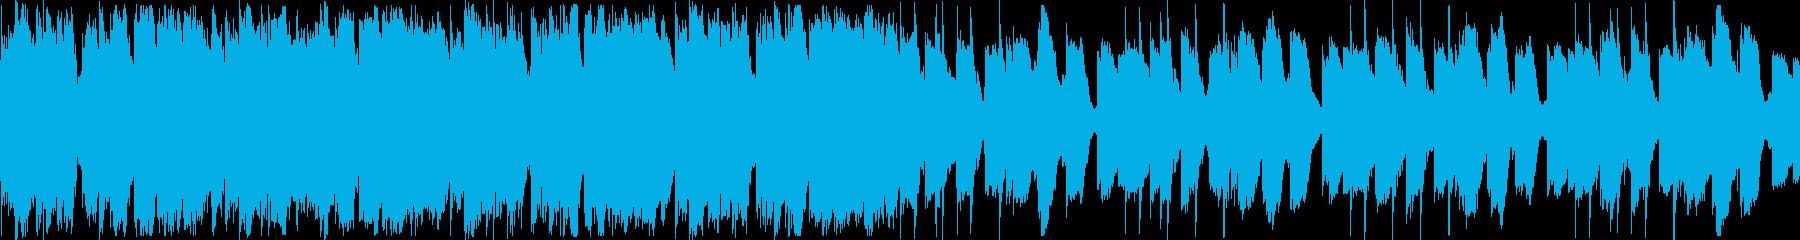 ロックトロニカのグルーヴのエレクト...の再生済みの波形